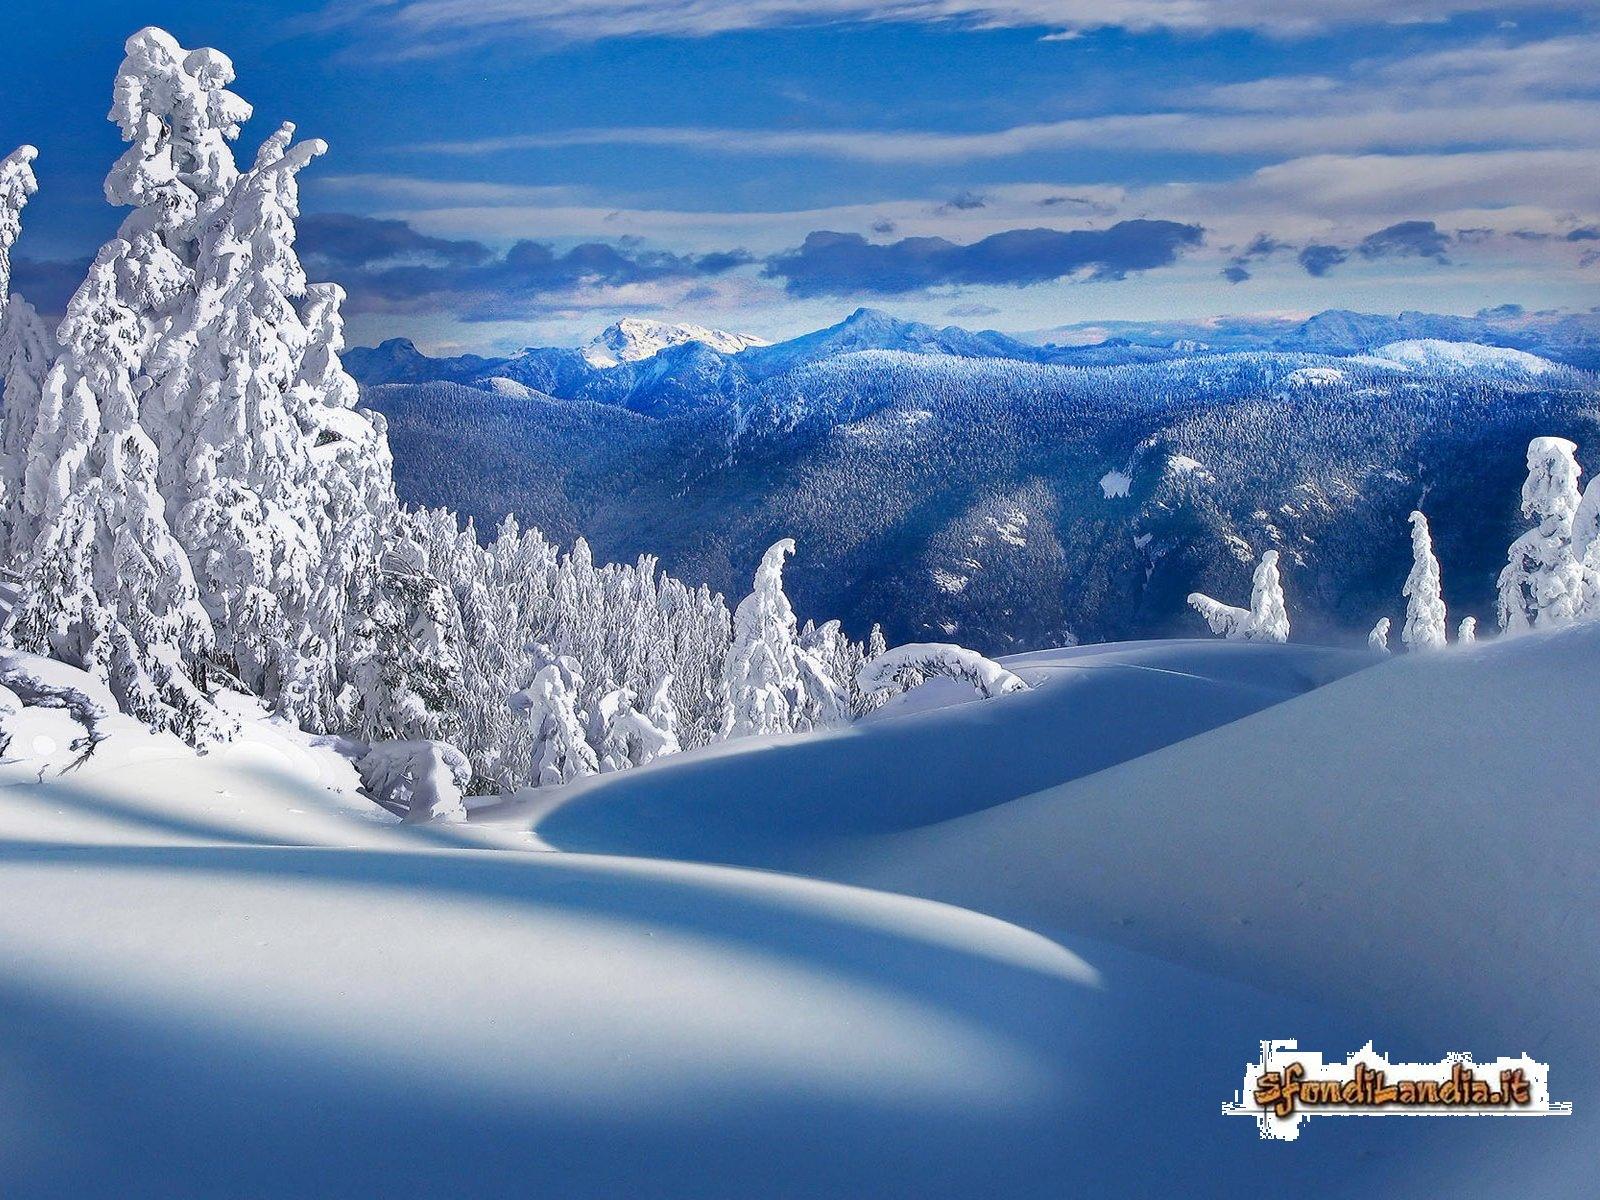 sfondo gratis di paesaggio invernale per